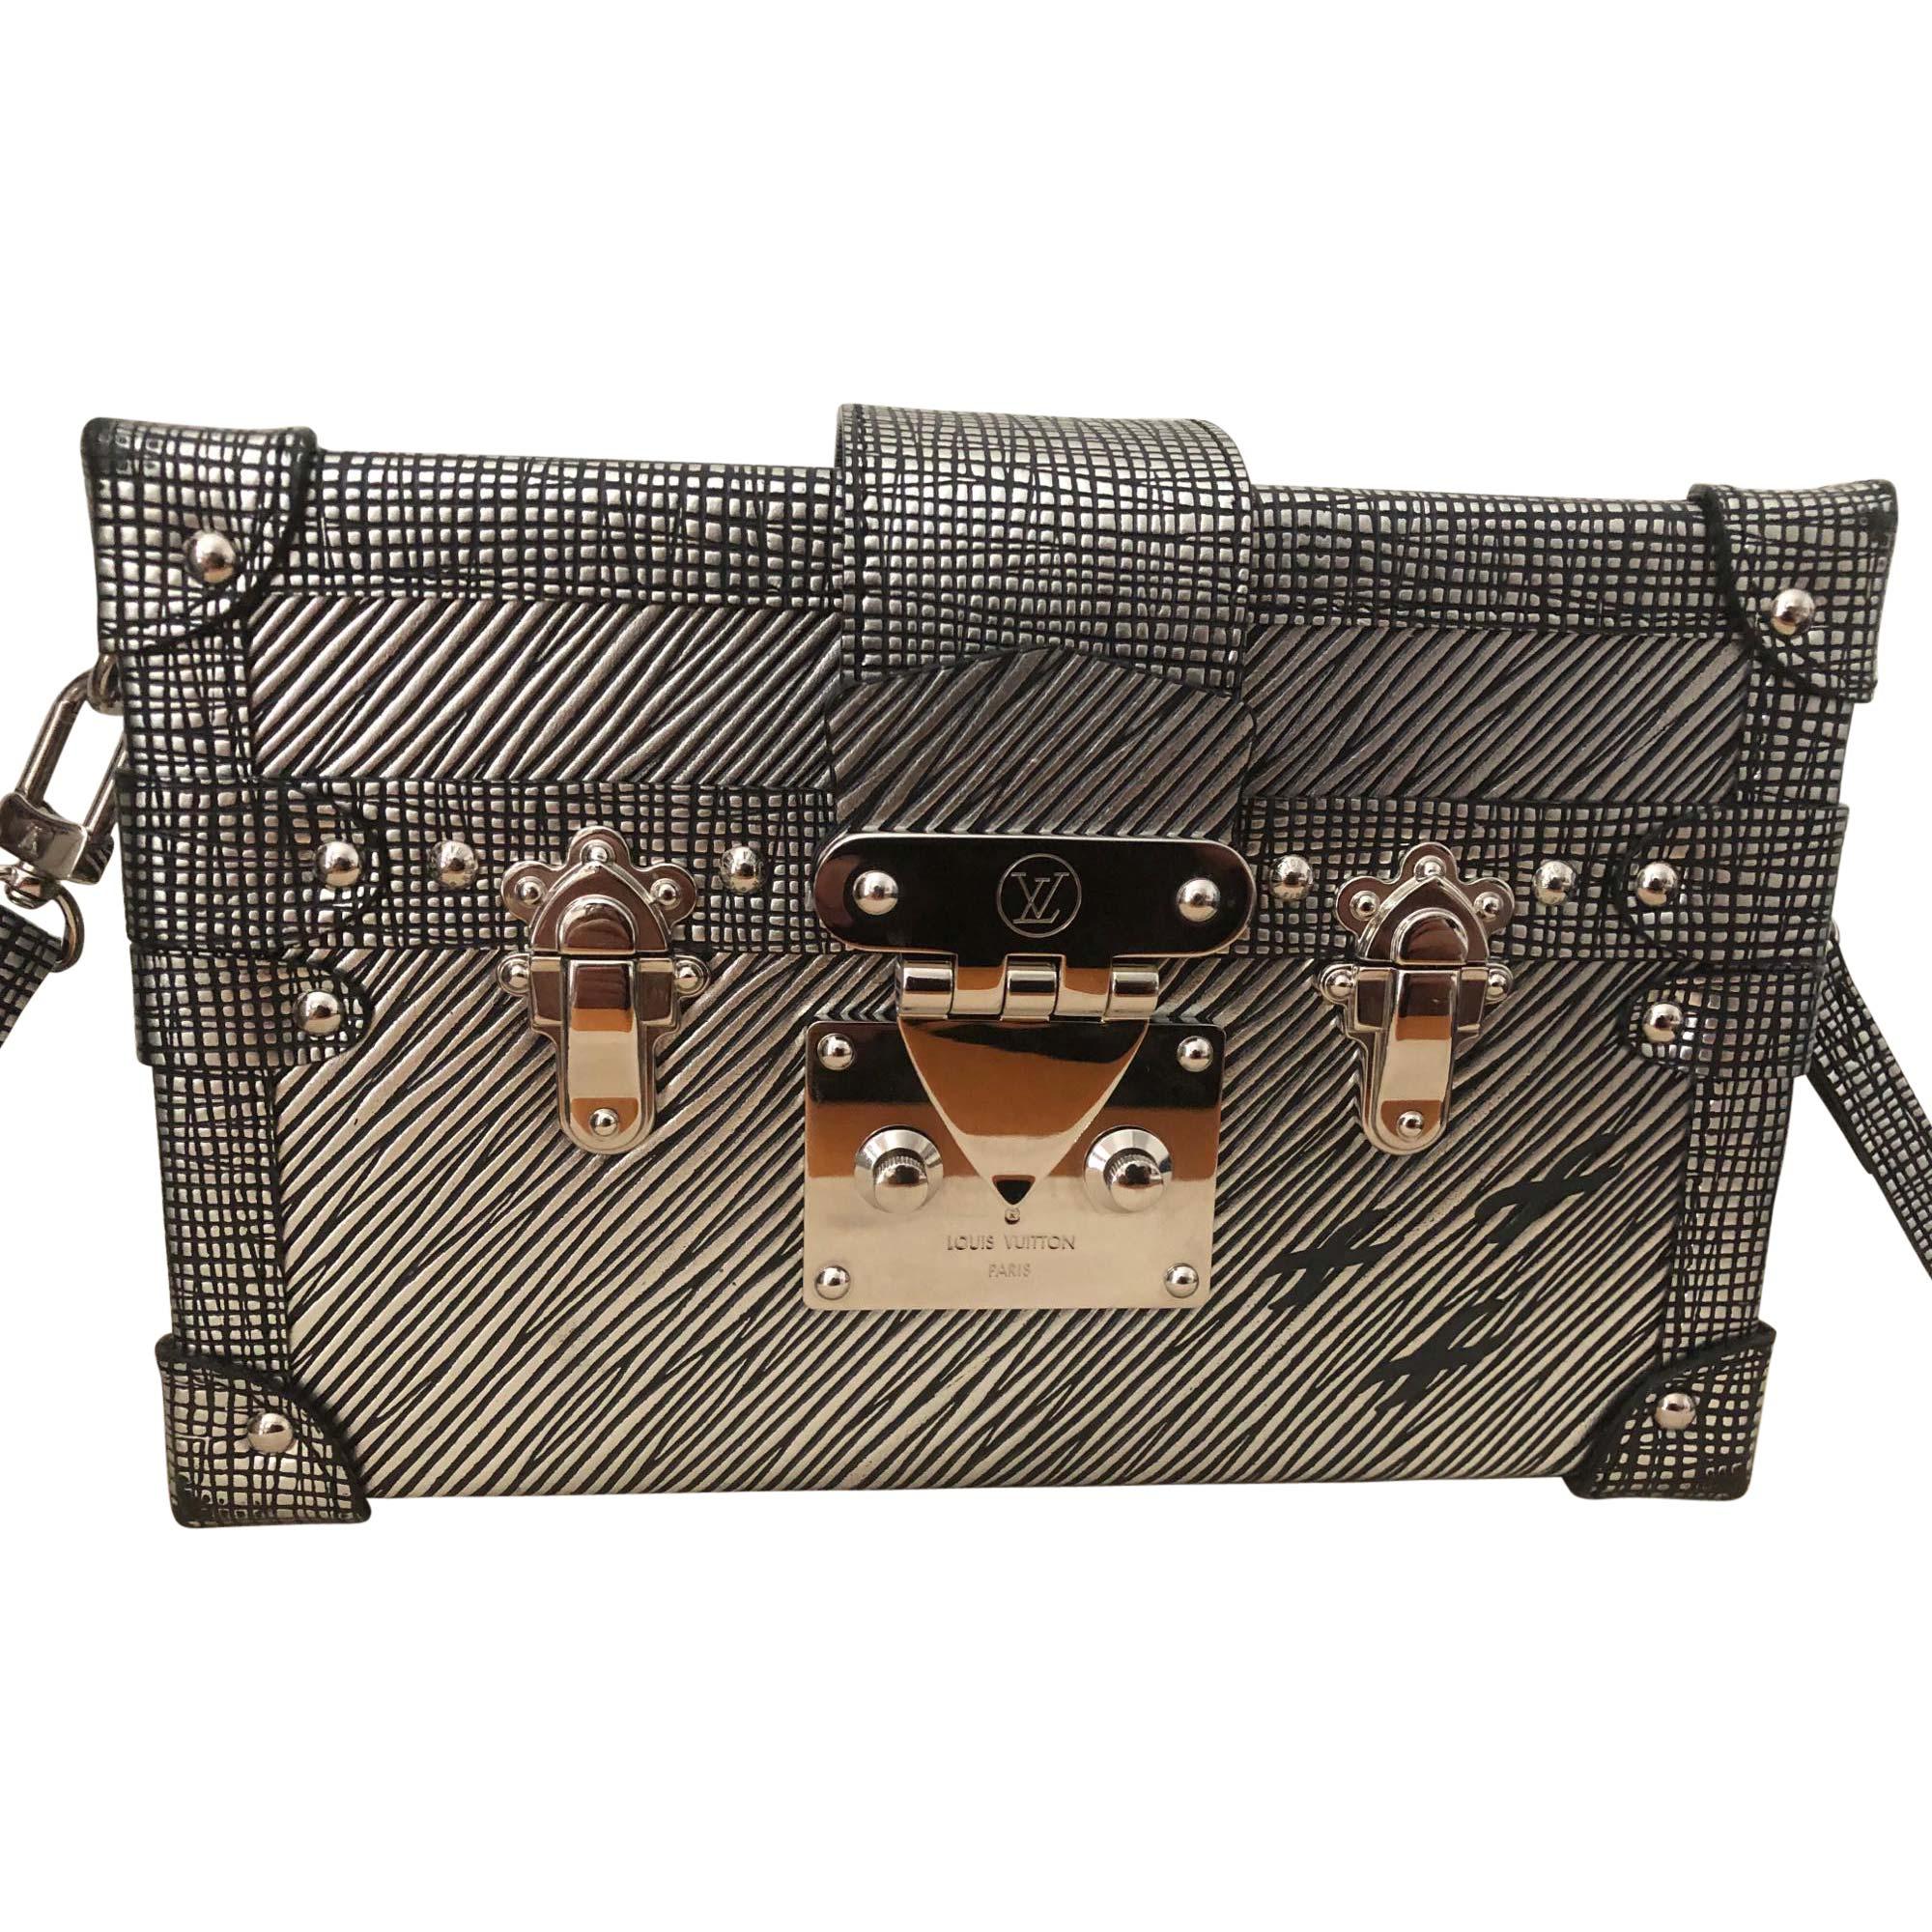 Leather Shoulder Bag LOUIS VUITTON Petite Malle Noir Epi Silver